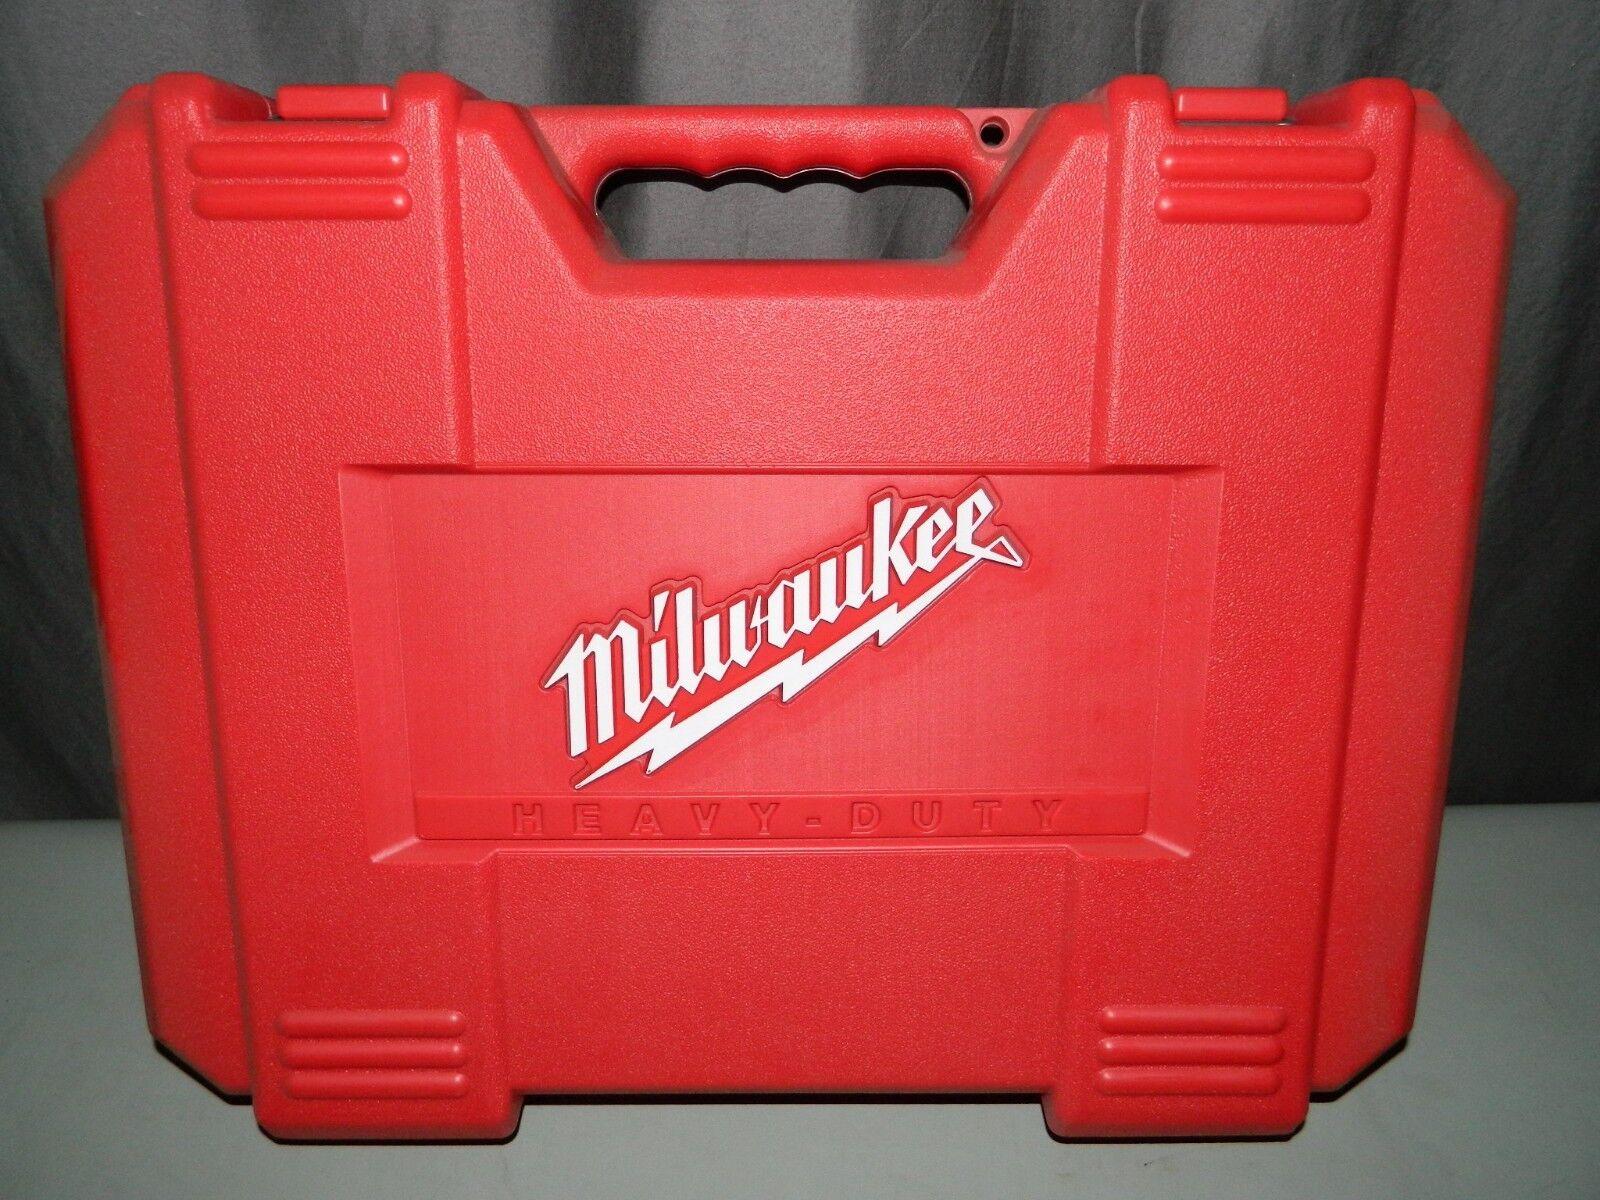 NEW Milwaukee Power Plus Cordless Drill CASE ONLY for 12V 14V 18V drill + light